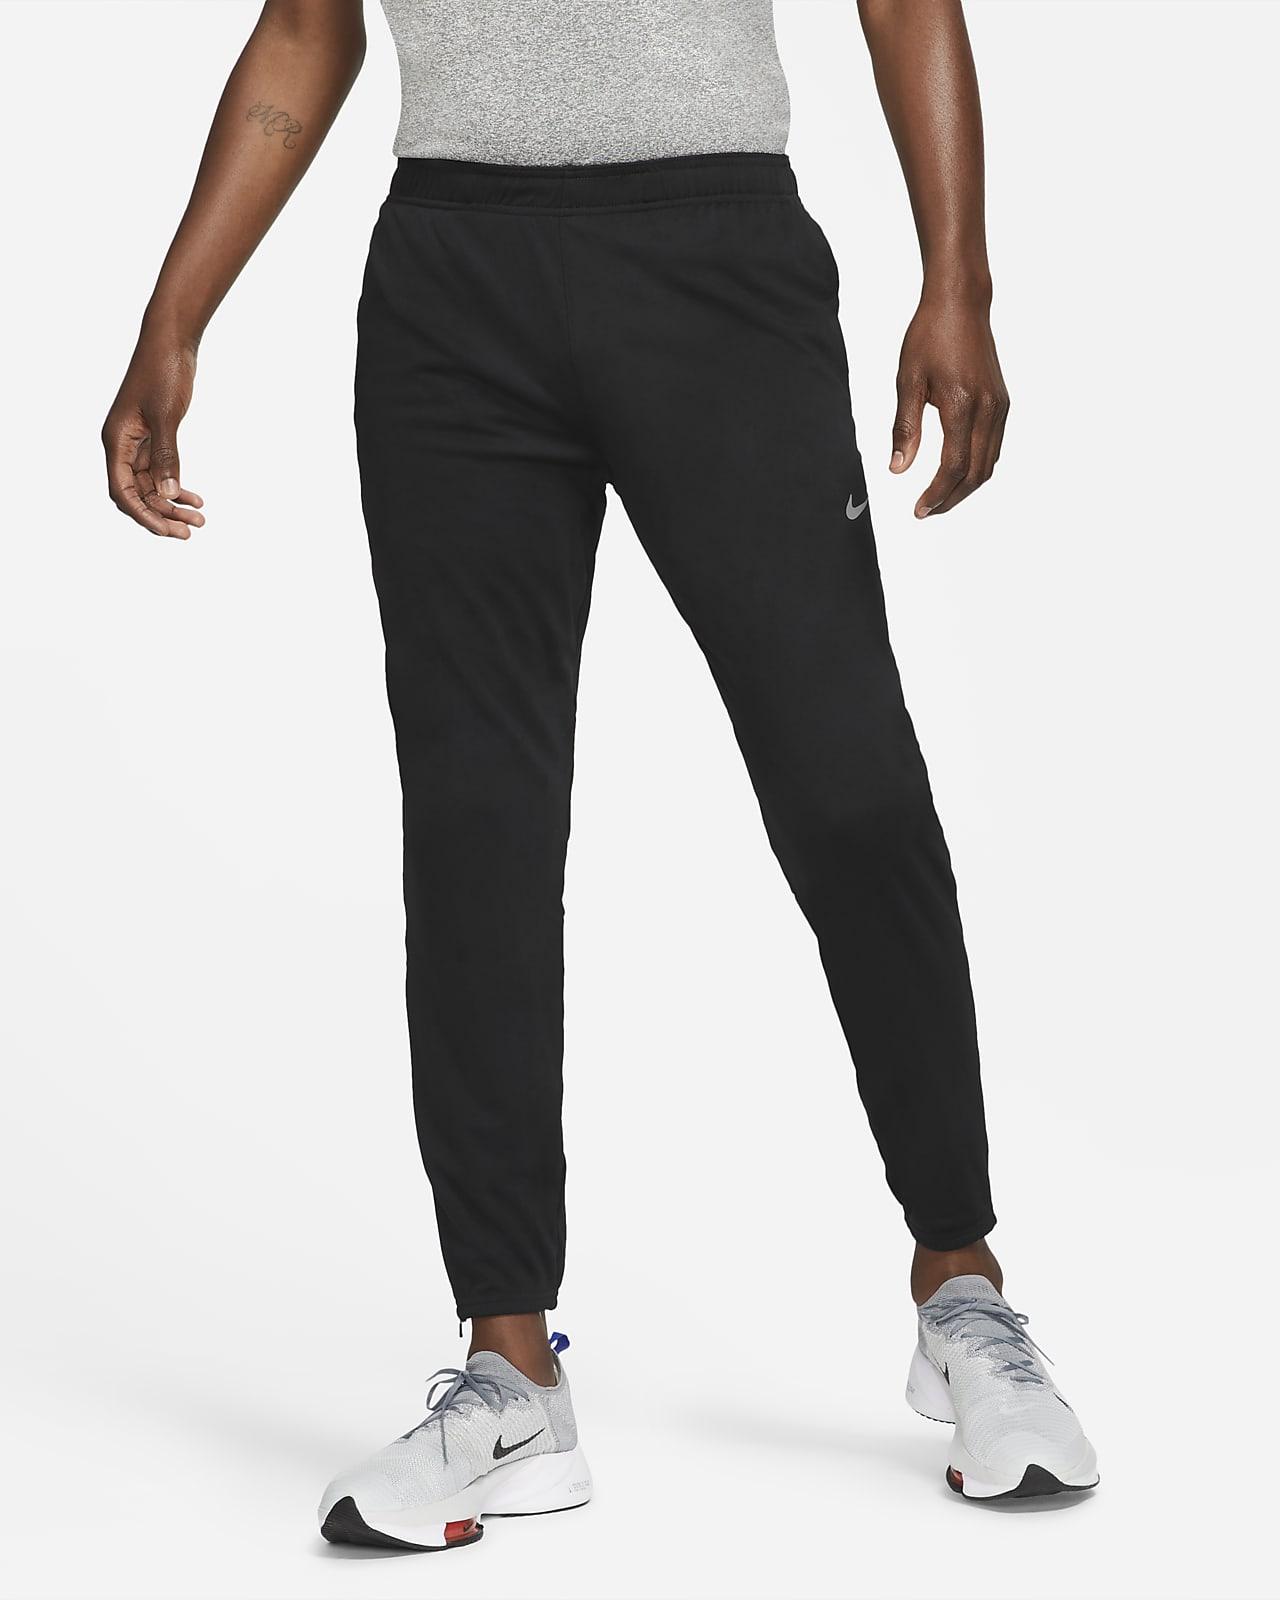 Nike Dri-FIT Challenger 男款針織跑步長褲